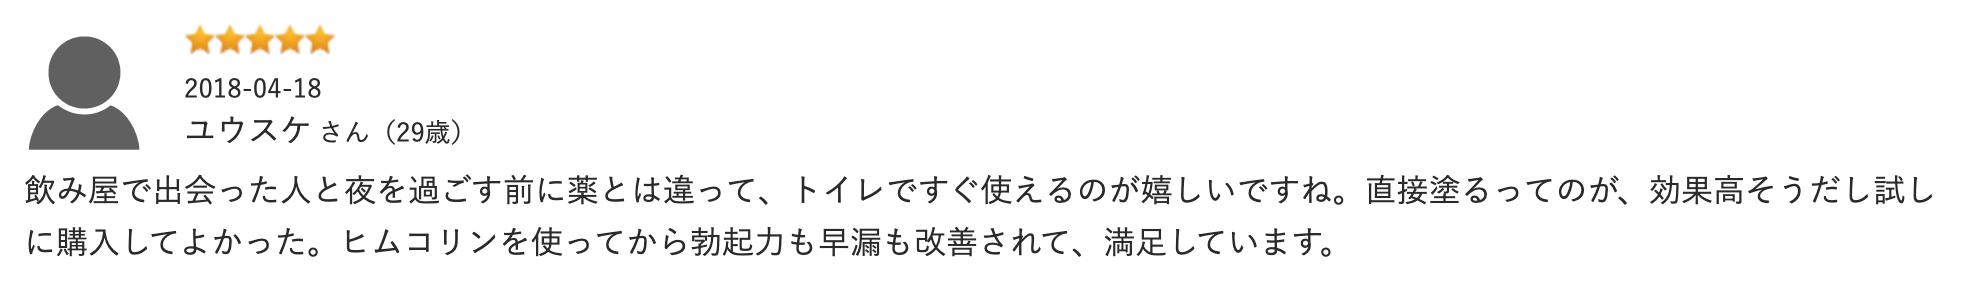 ヒムコリンジェル 評判